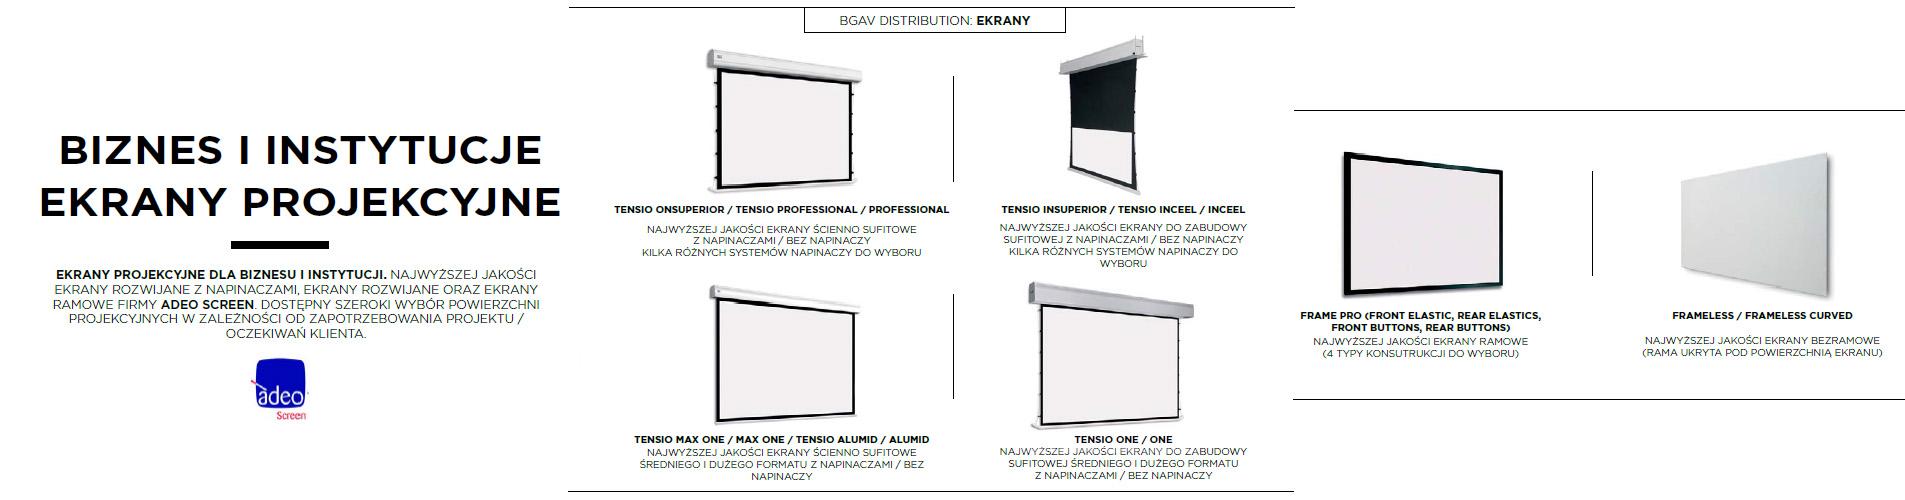 ekrany projekcyjne biznes i instytucje